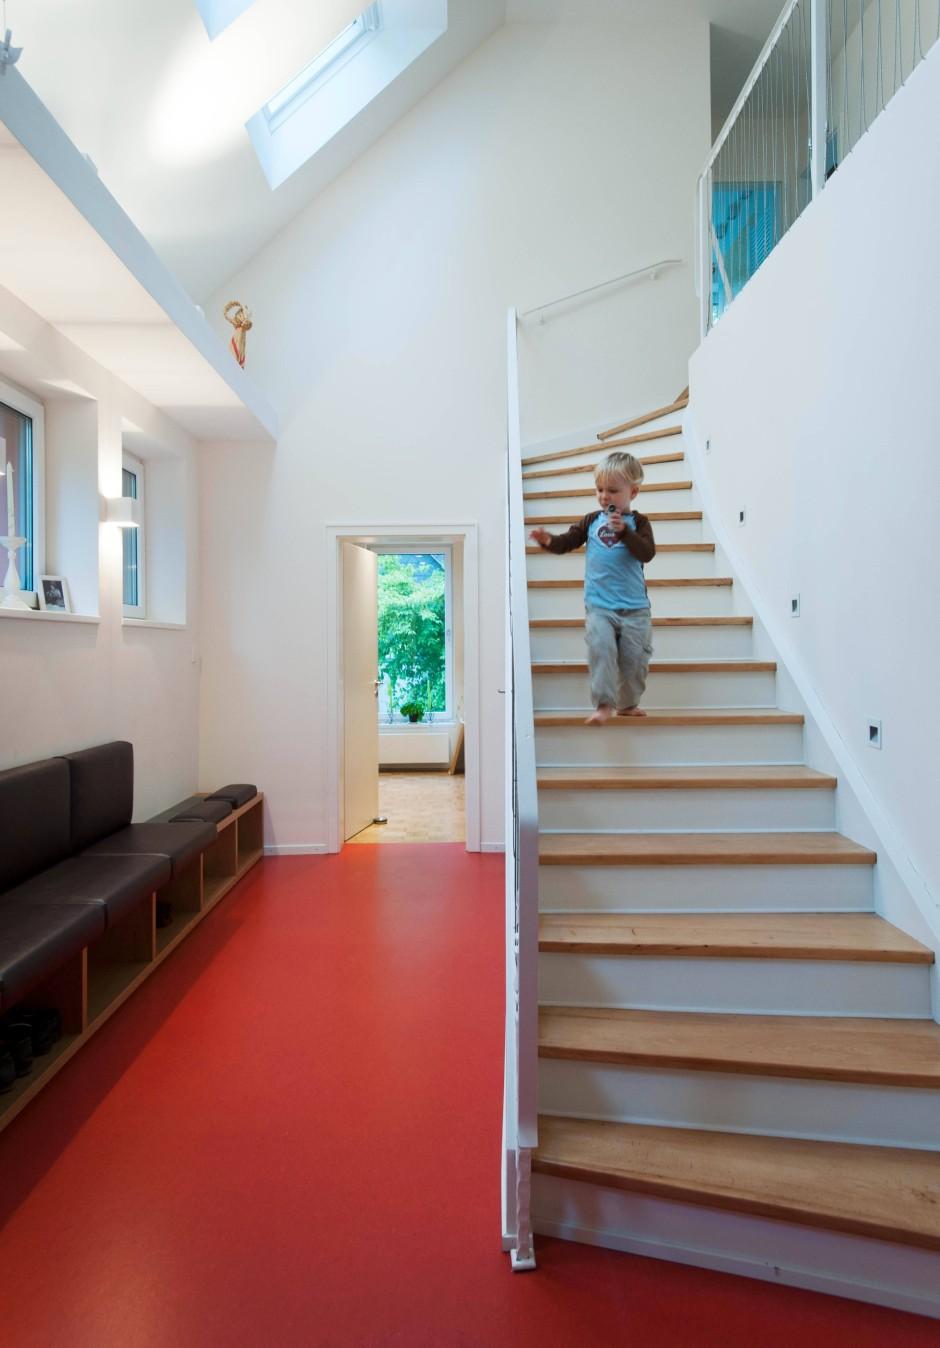 bildergalerie bildergalerie haus bletgen ein haus sieht rot bild 5 von 9 faz. Black Bedroom Furniture Sets. Home Design Ideas